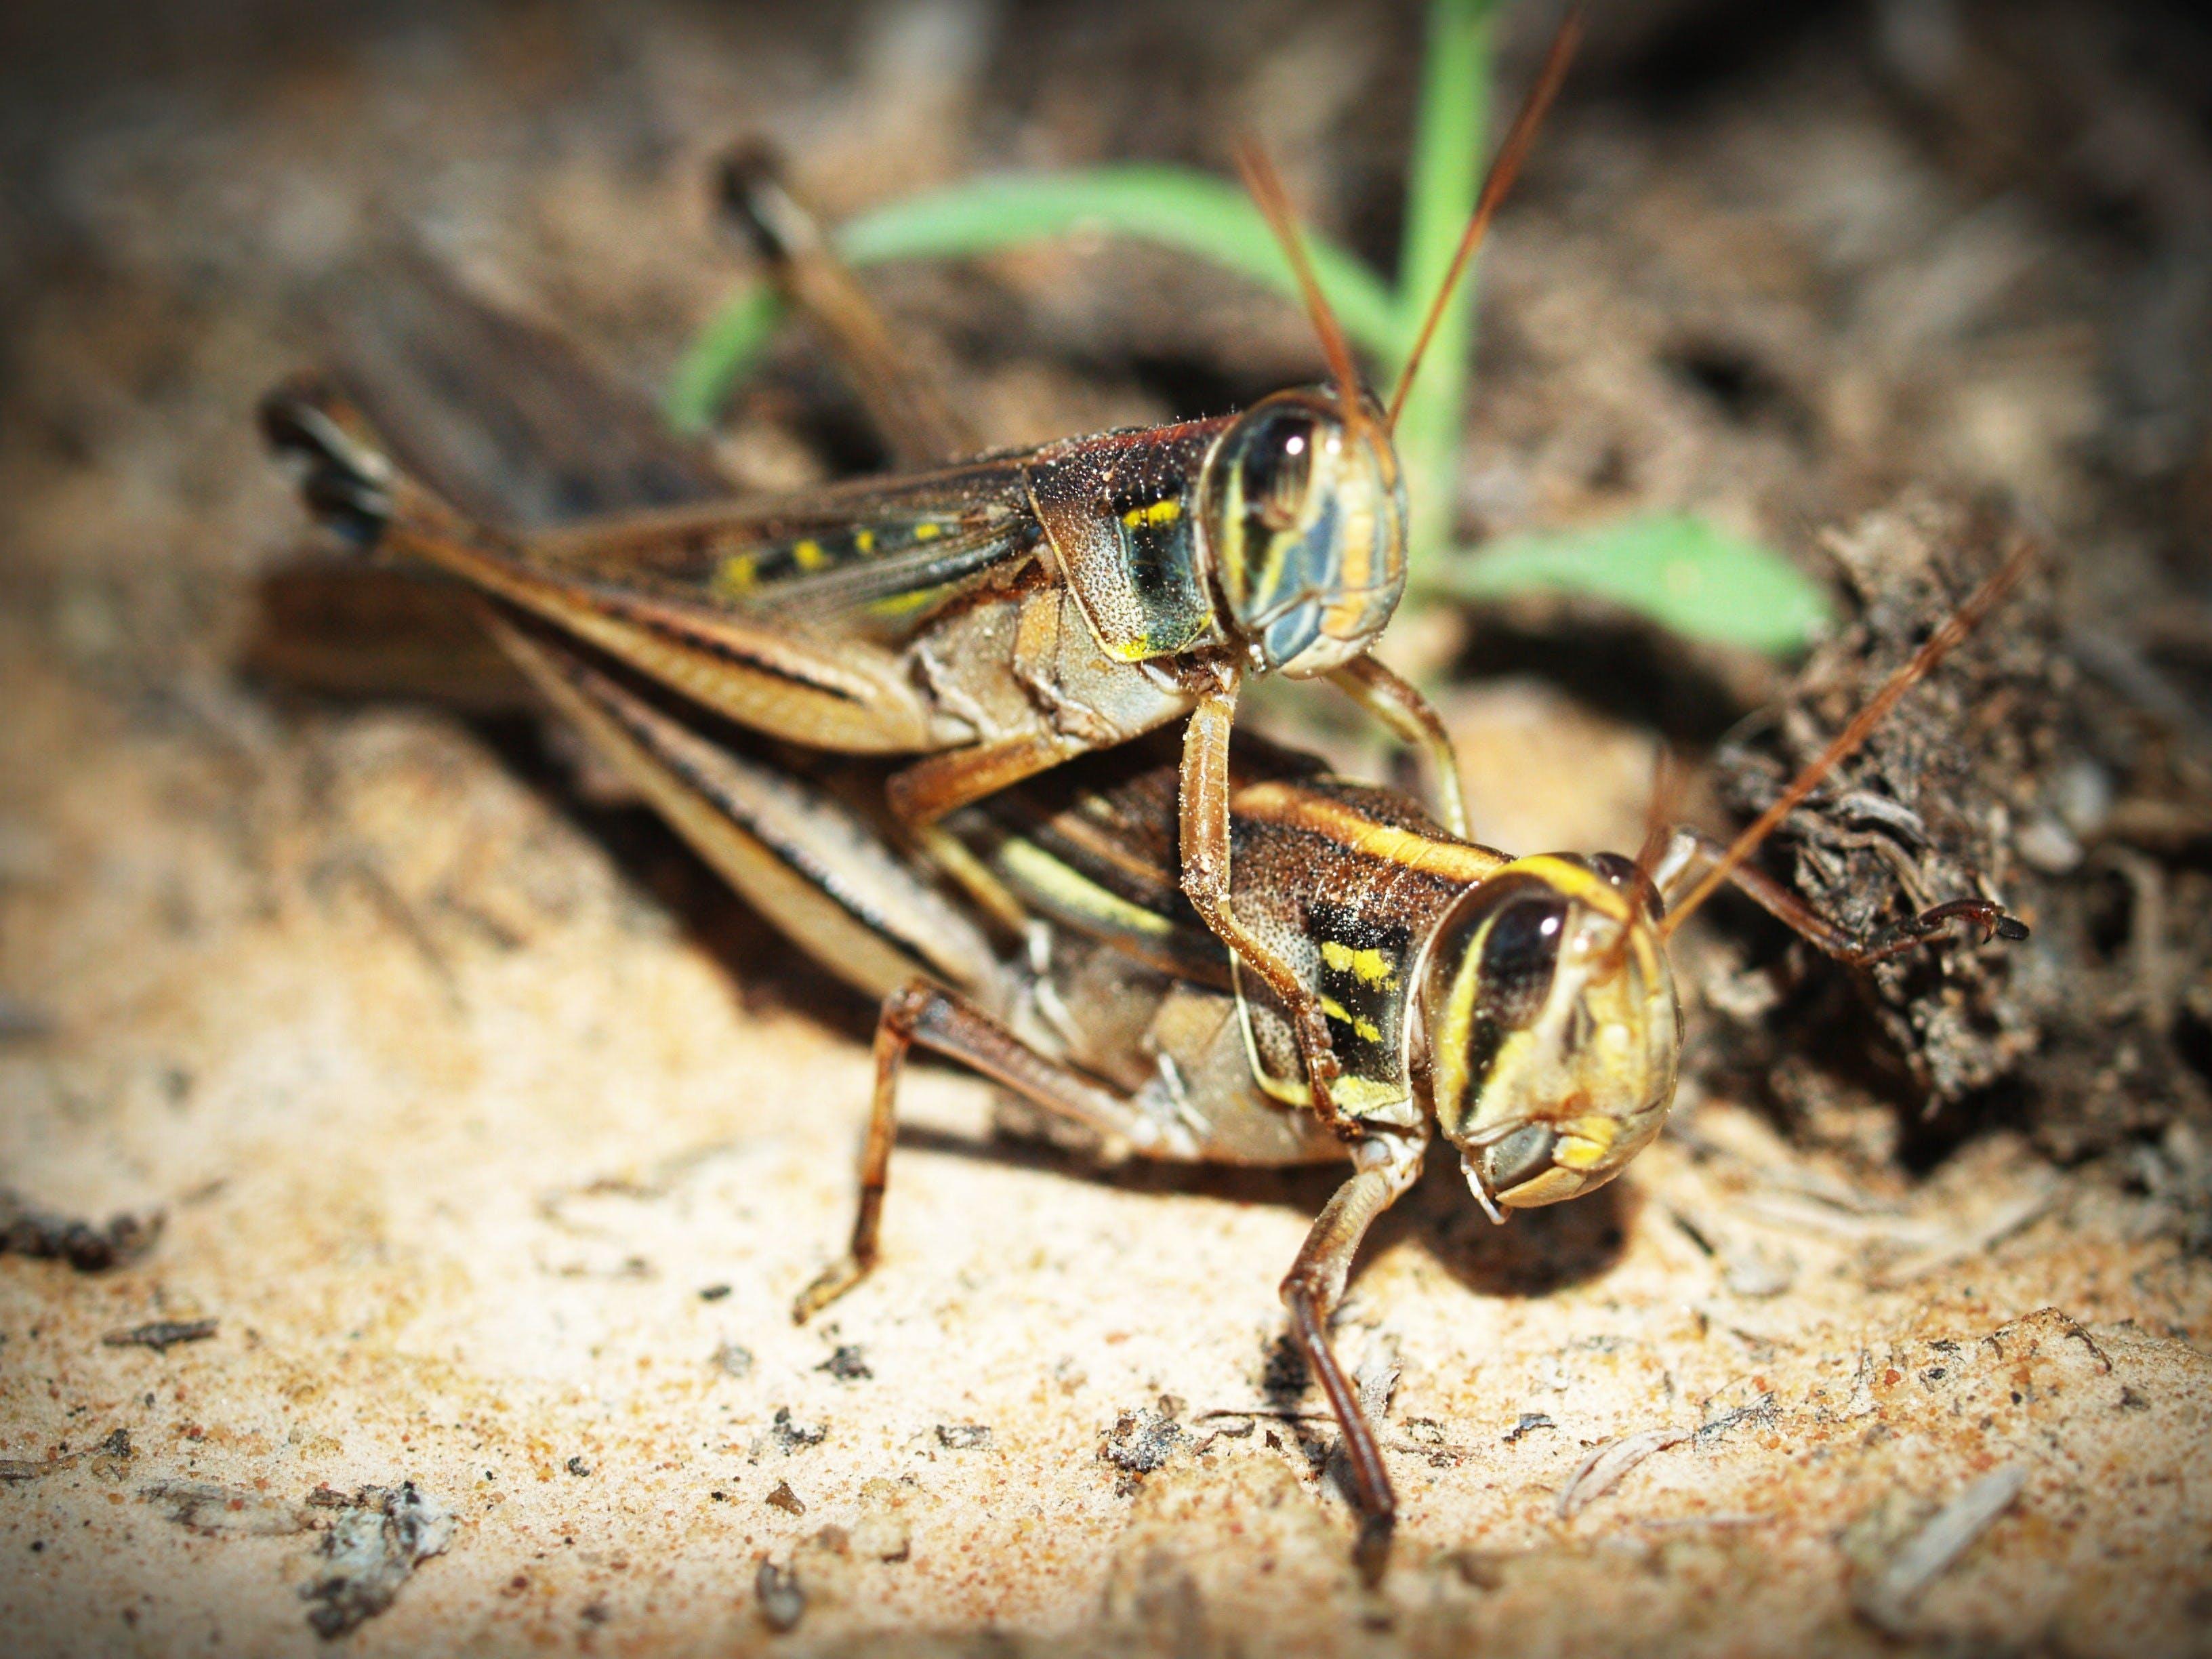 Kostenloses Stock Foto zu augen, bugs, draussen, entomologie